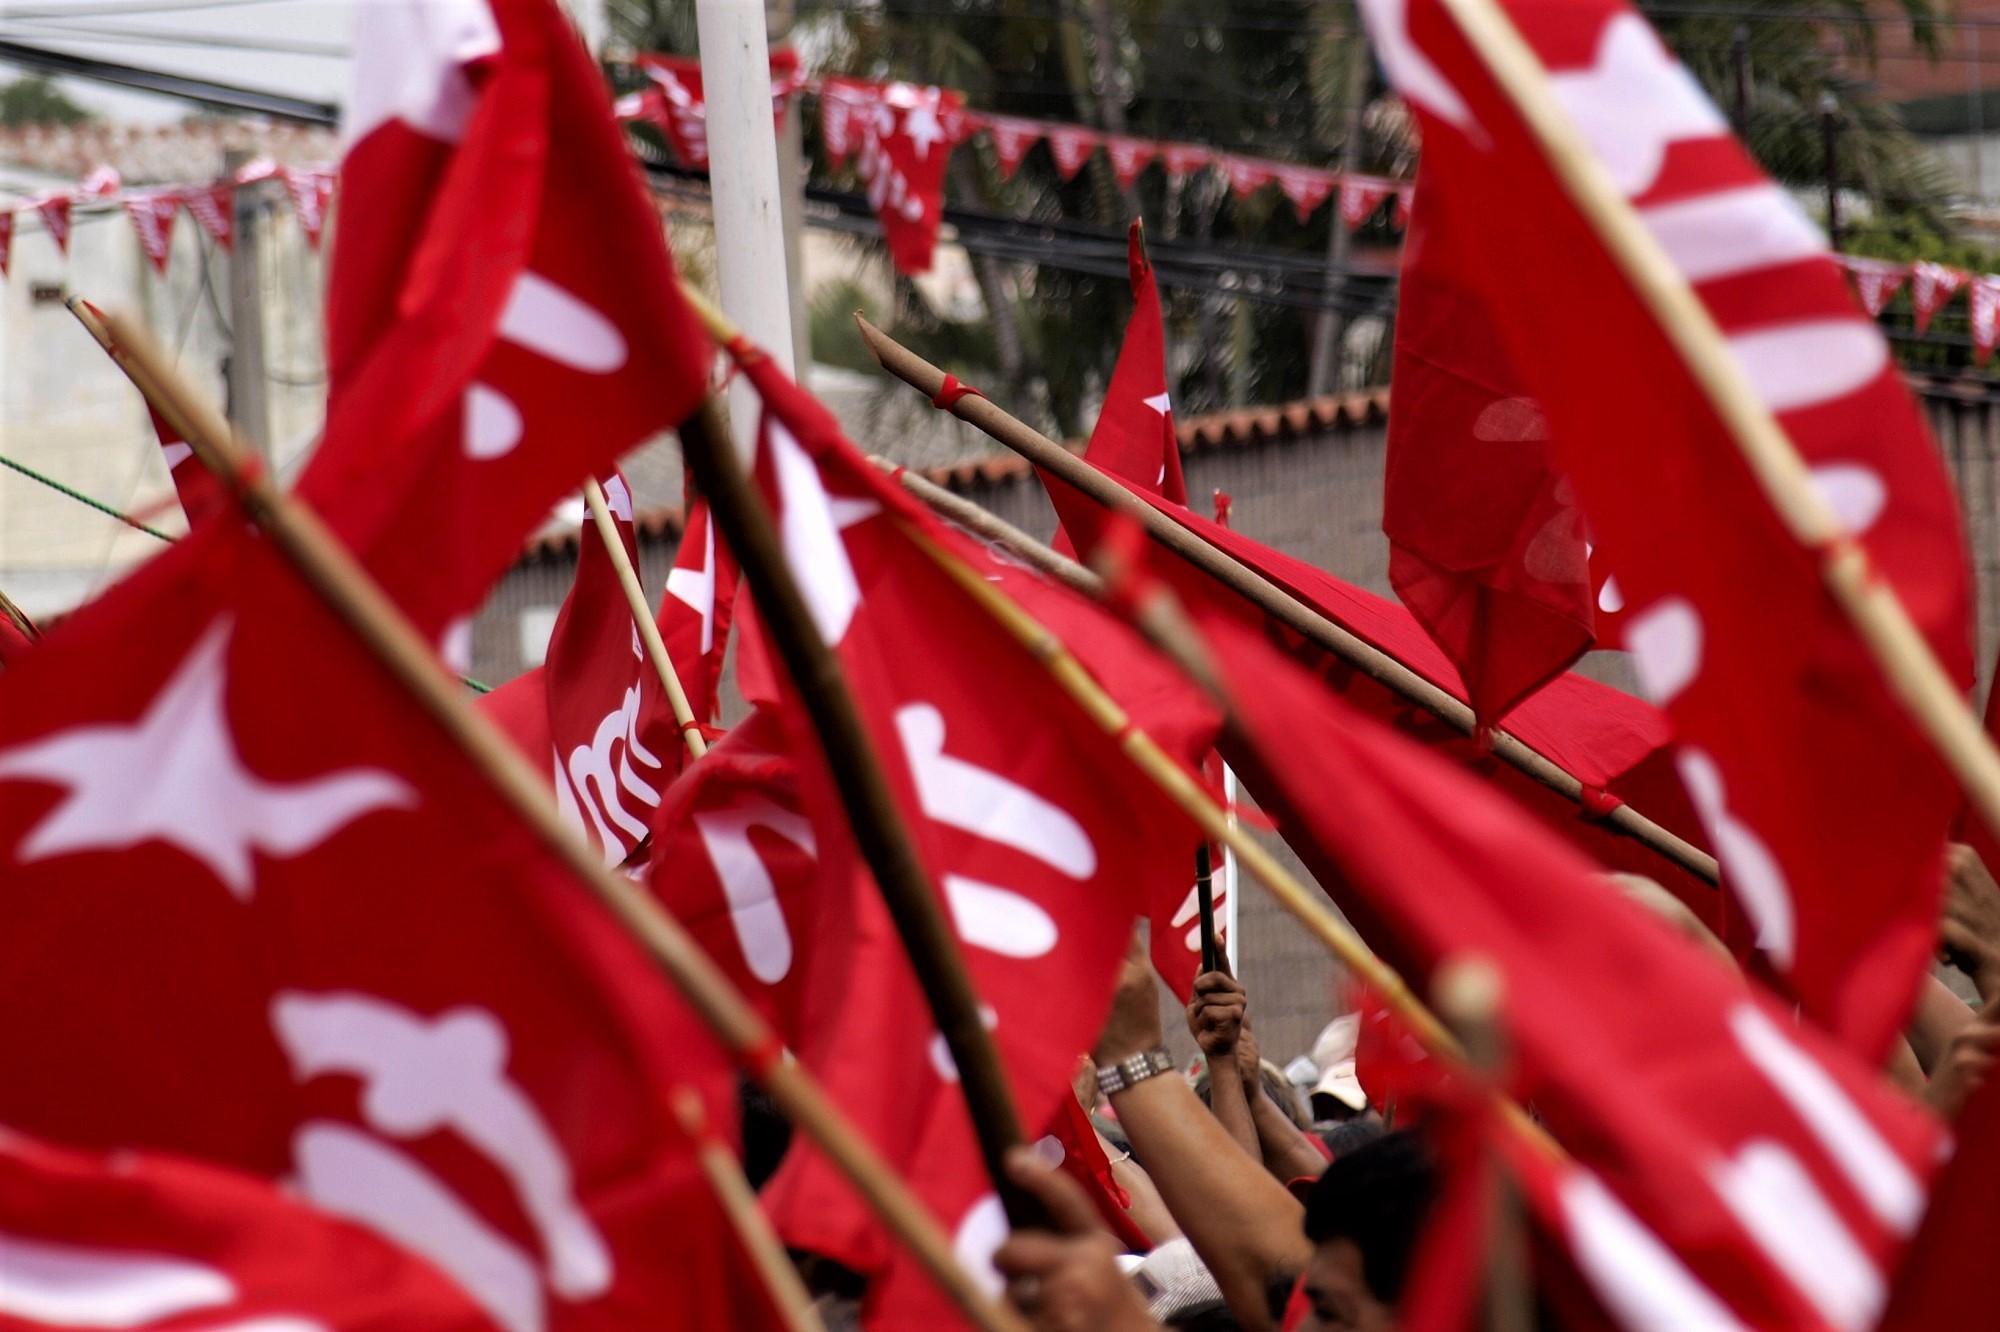 La MS-13 asegura que en las elecciones de 4 de marzo no cumplió su amenaza de boicotear al FMLN, como anunció que haría en un comunicado fechado en abril de 2016.